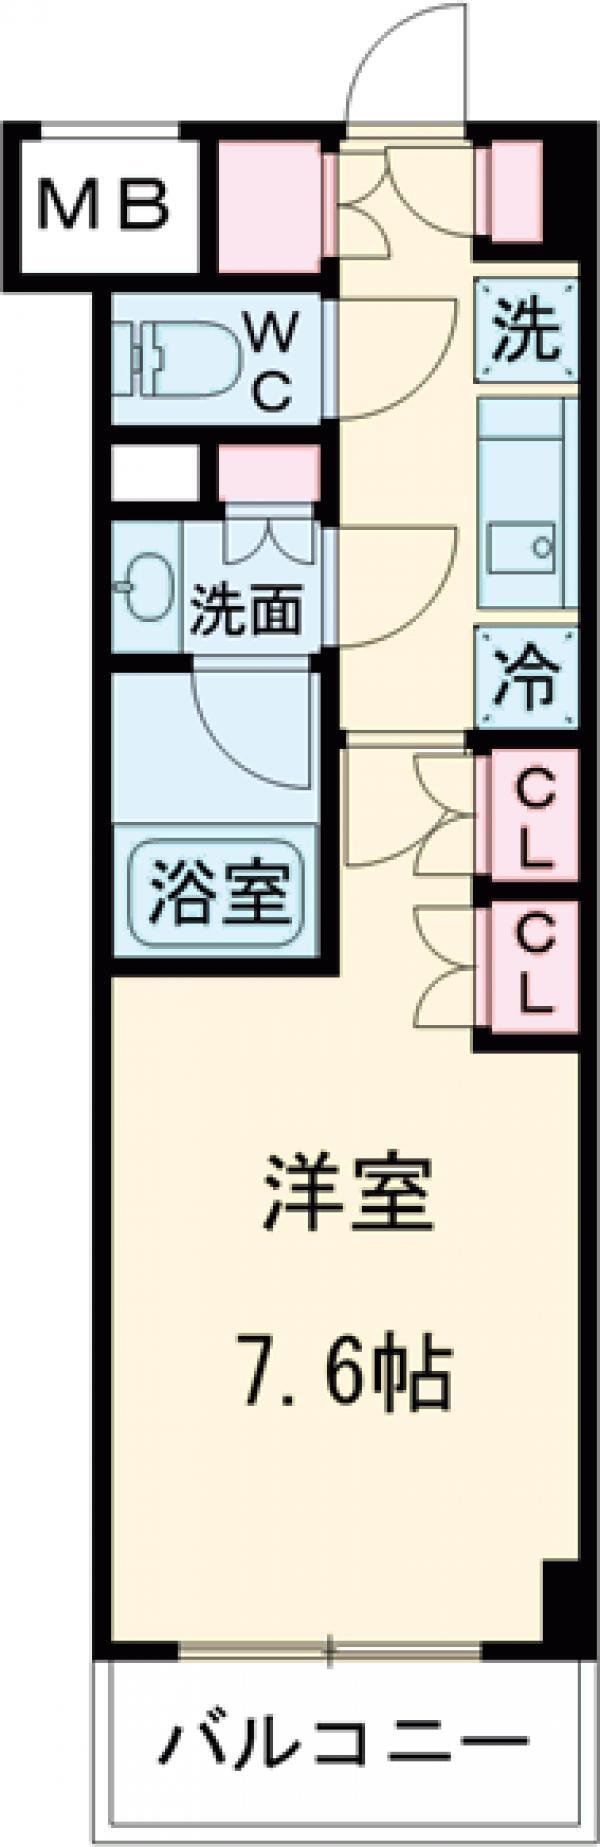 ザ・パークハビオ柿の木坂・102号室の間取り